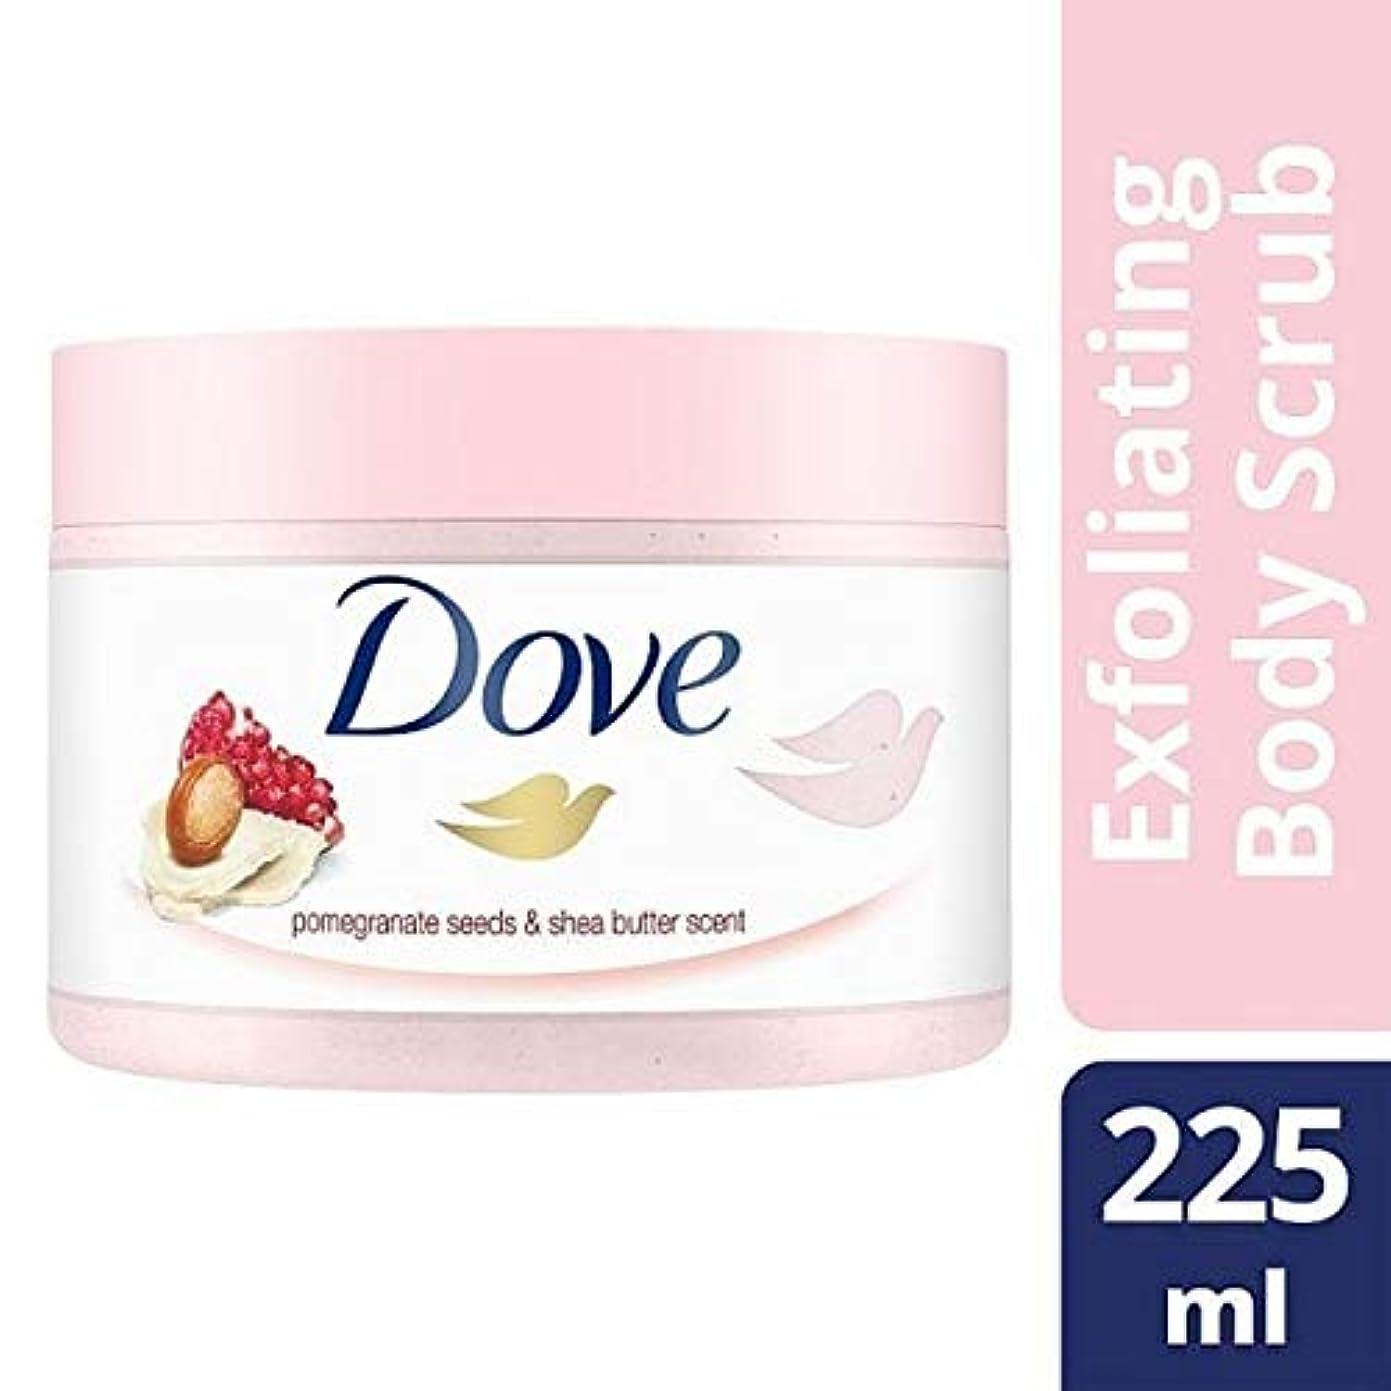 信号慣れる目立つ[Dove ] 225ミリリットルボディスクラブザクロ種子を剥離鳩 - Dove Exfoliating Body Scrub Pomegranate Seeds 225ml [並行輸入品]